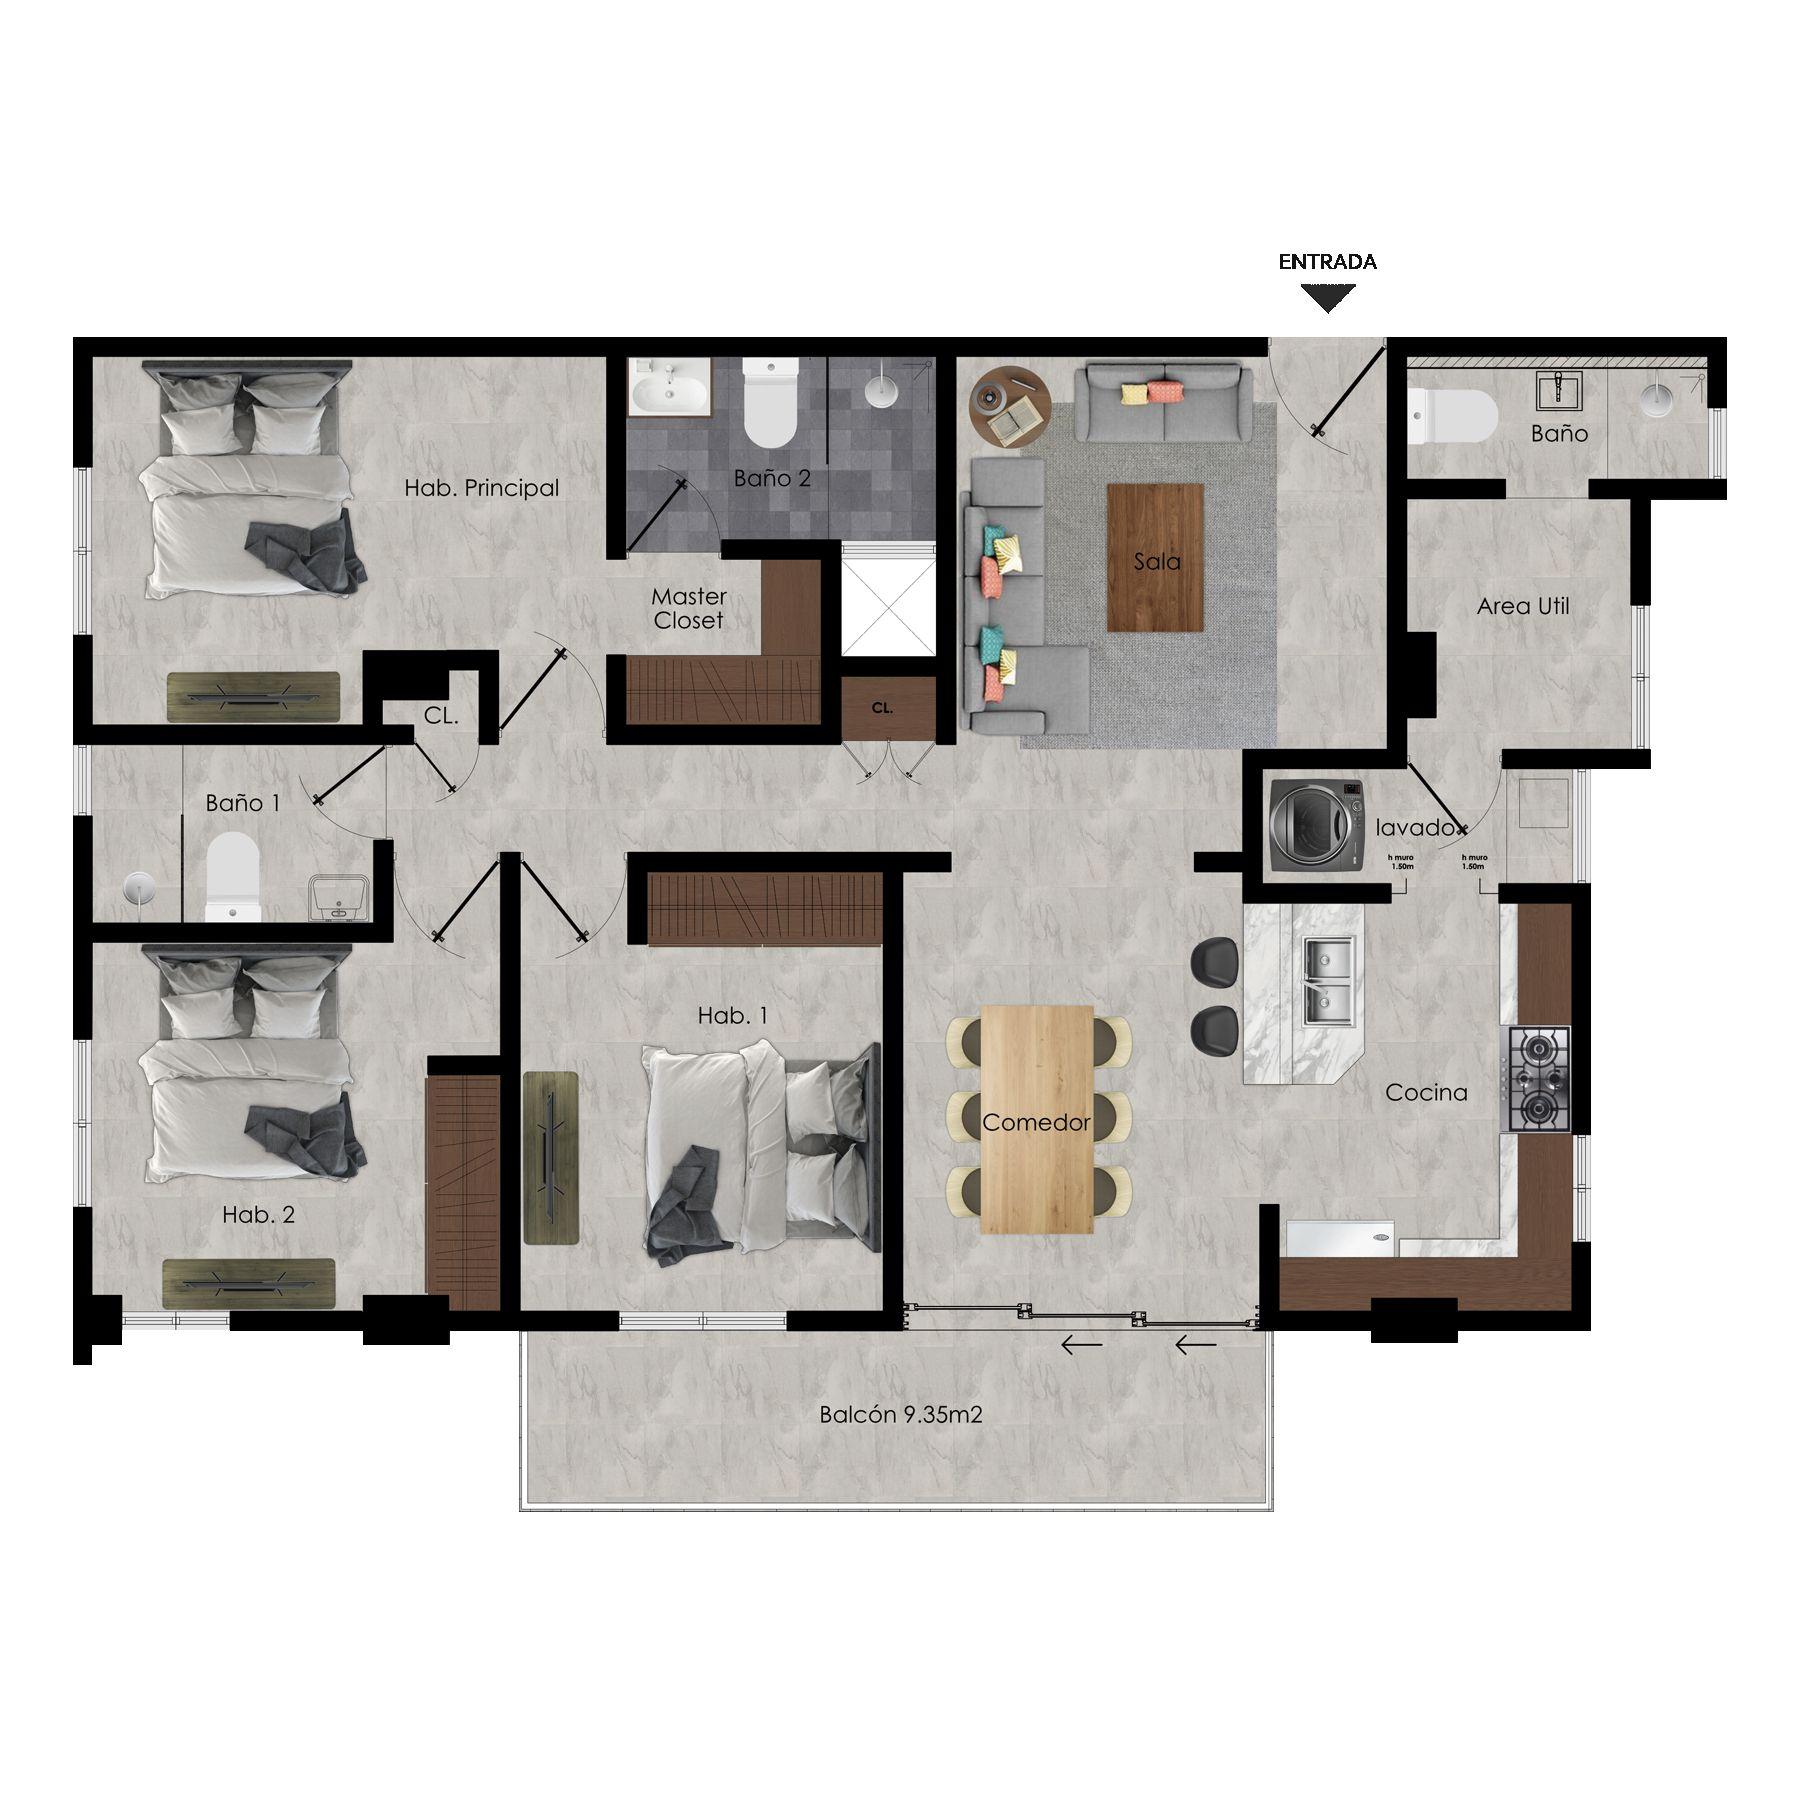 Apartamentos en venta próximo a MEGA CENTRO, Carretera Mella Sto. Dgo. Este 154912